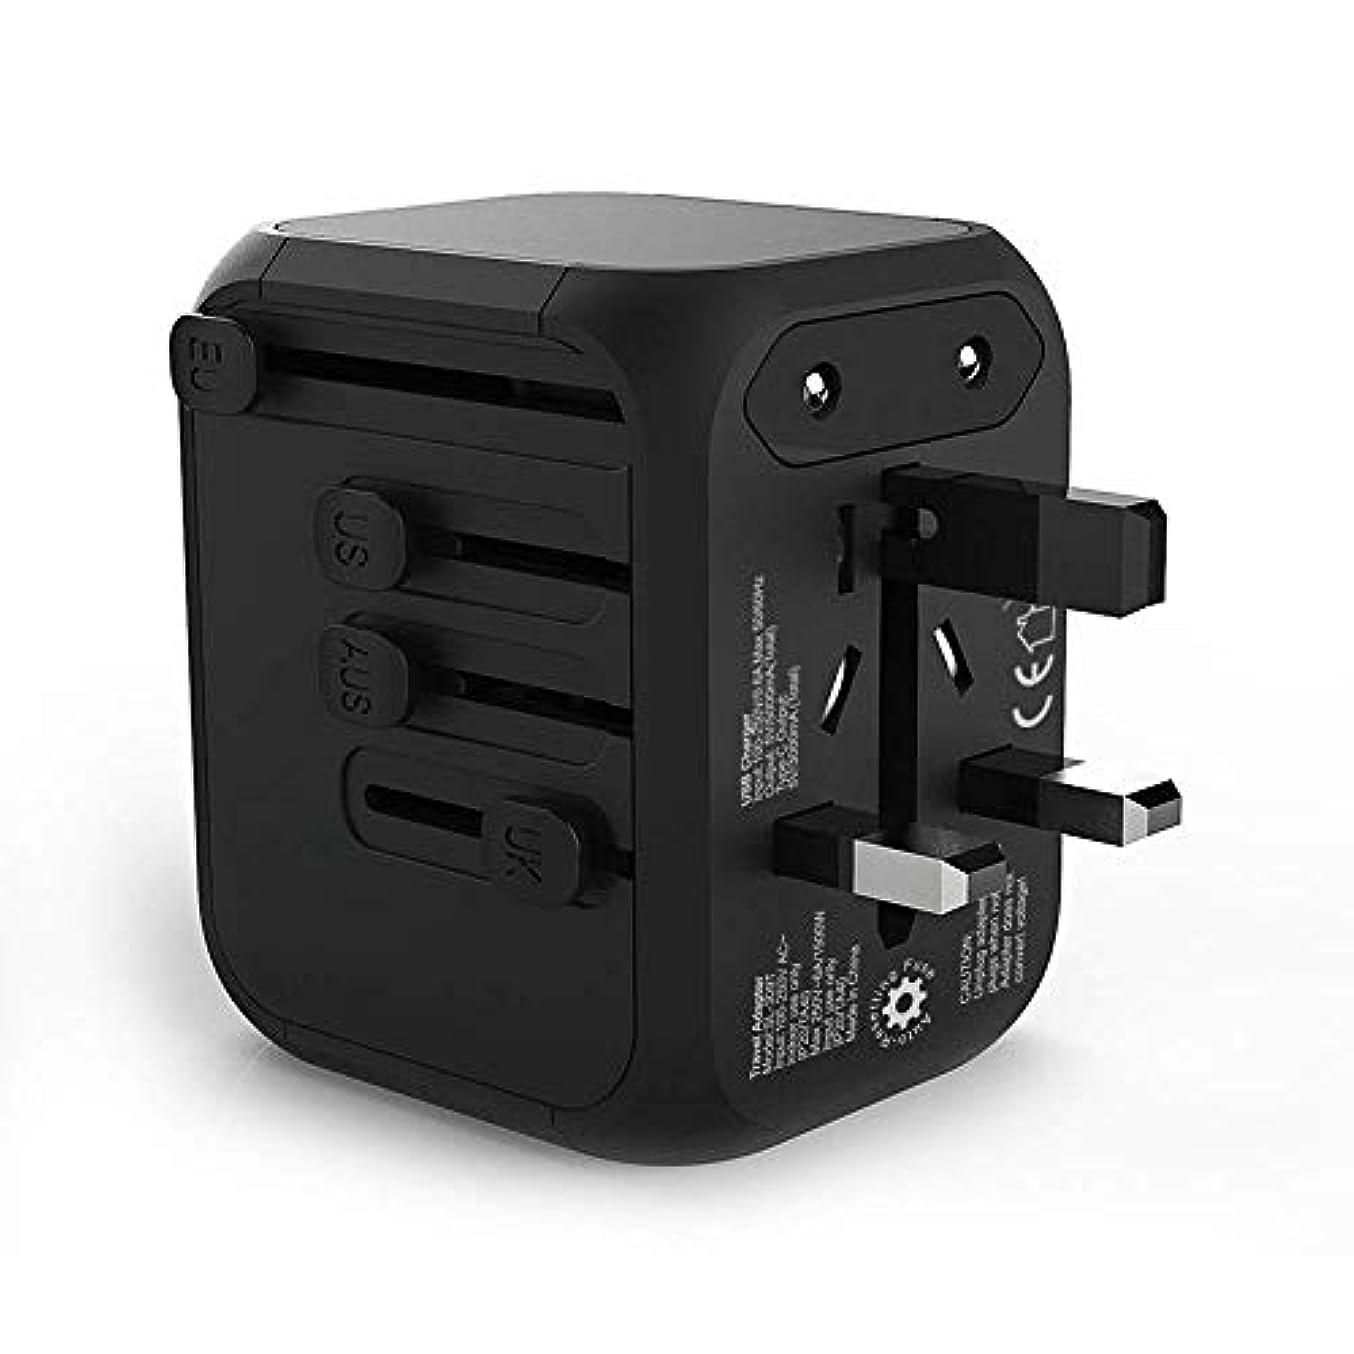 動作ジョガー正しいUSB充電器プラグ、各国用ソケット穴、ウォールチャージャー、5.0A、1Type-c、3ポートUSBプラグ充電器、iOS、iPad、タブレット、パワーバンク、ホーム、オフィス、ブラック用